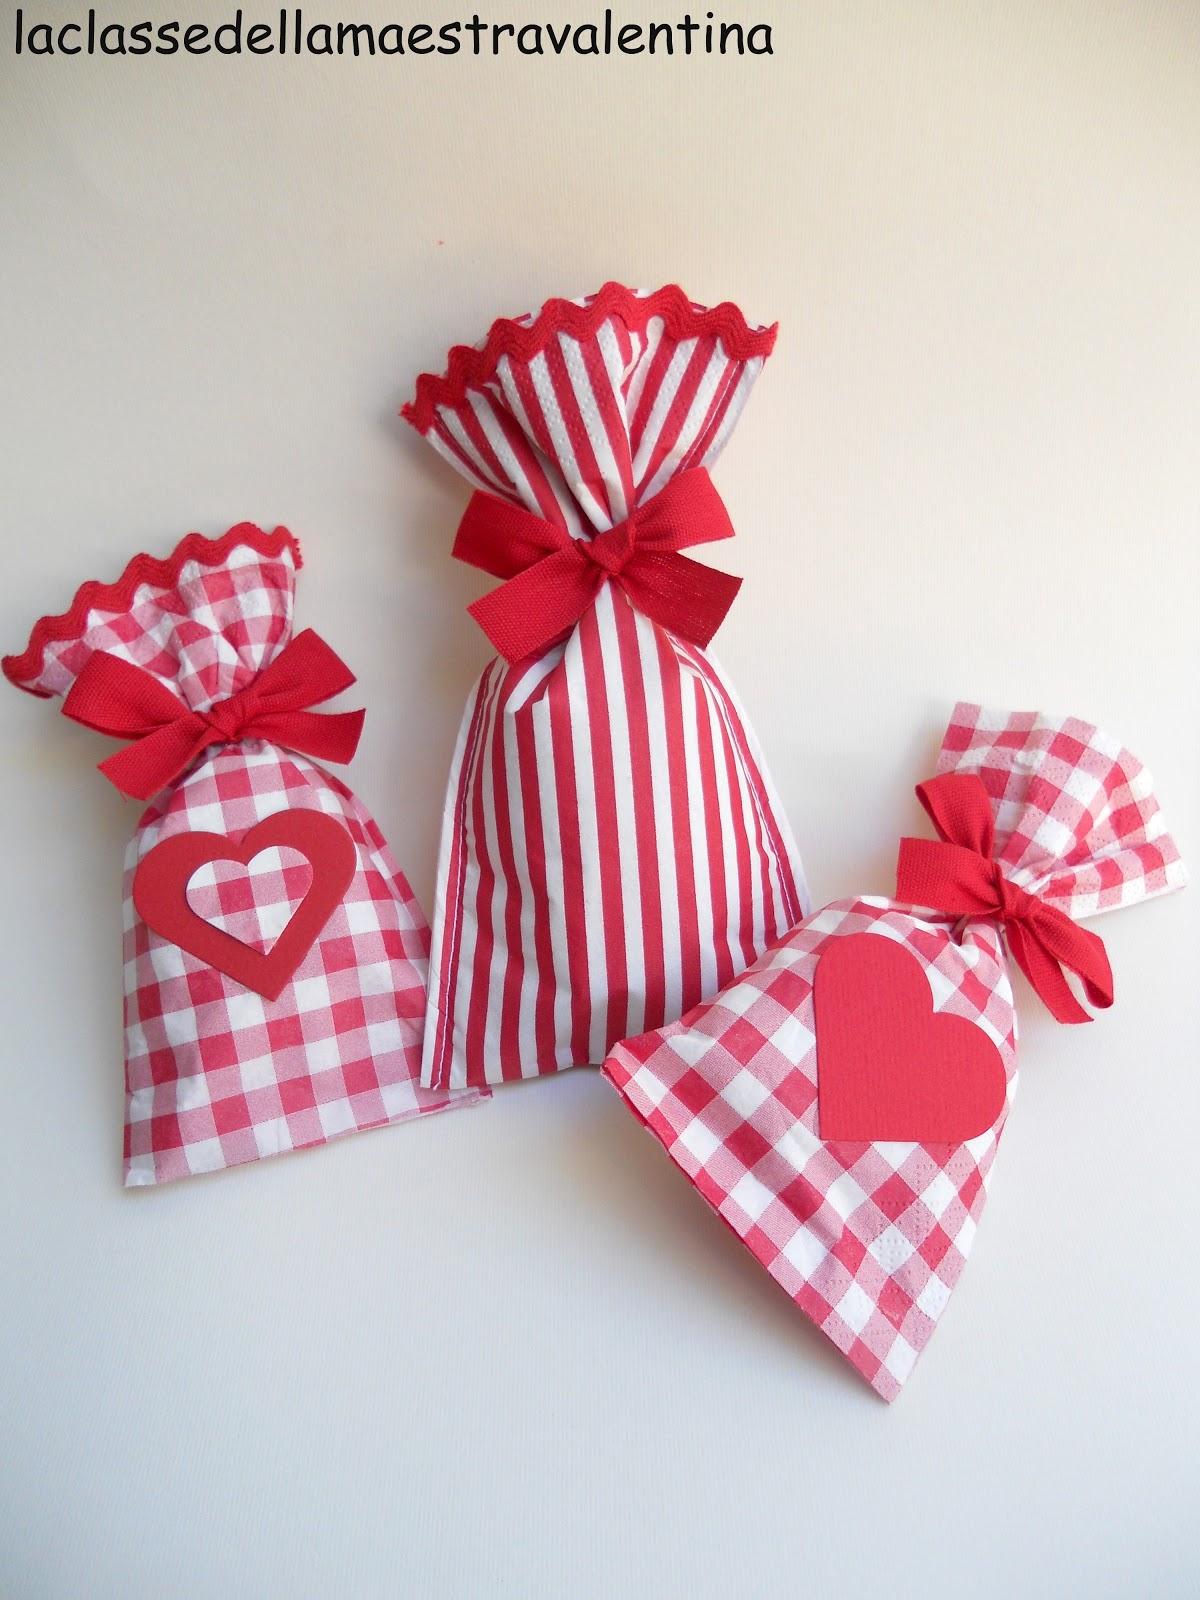 La classe della maestra valentina sacchettini bianchi e rossi for Porta sacchetti ikea